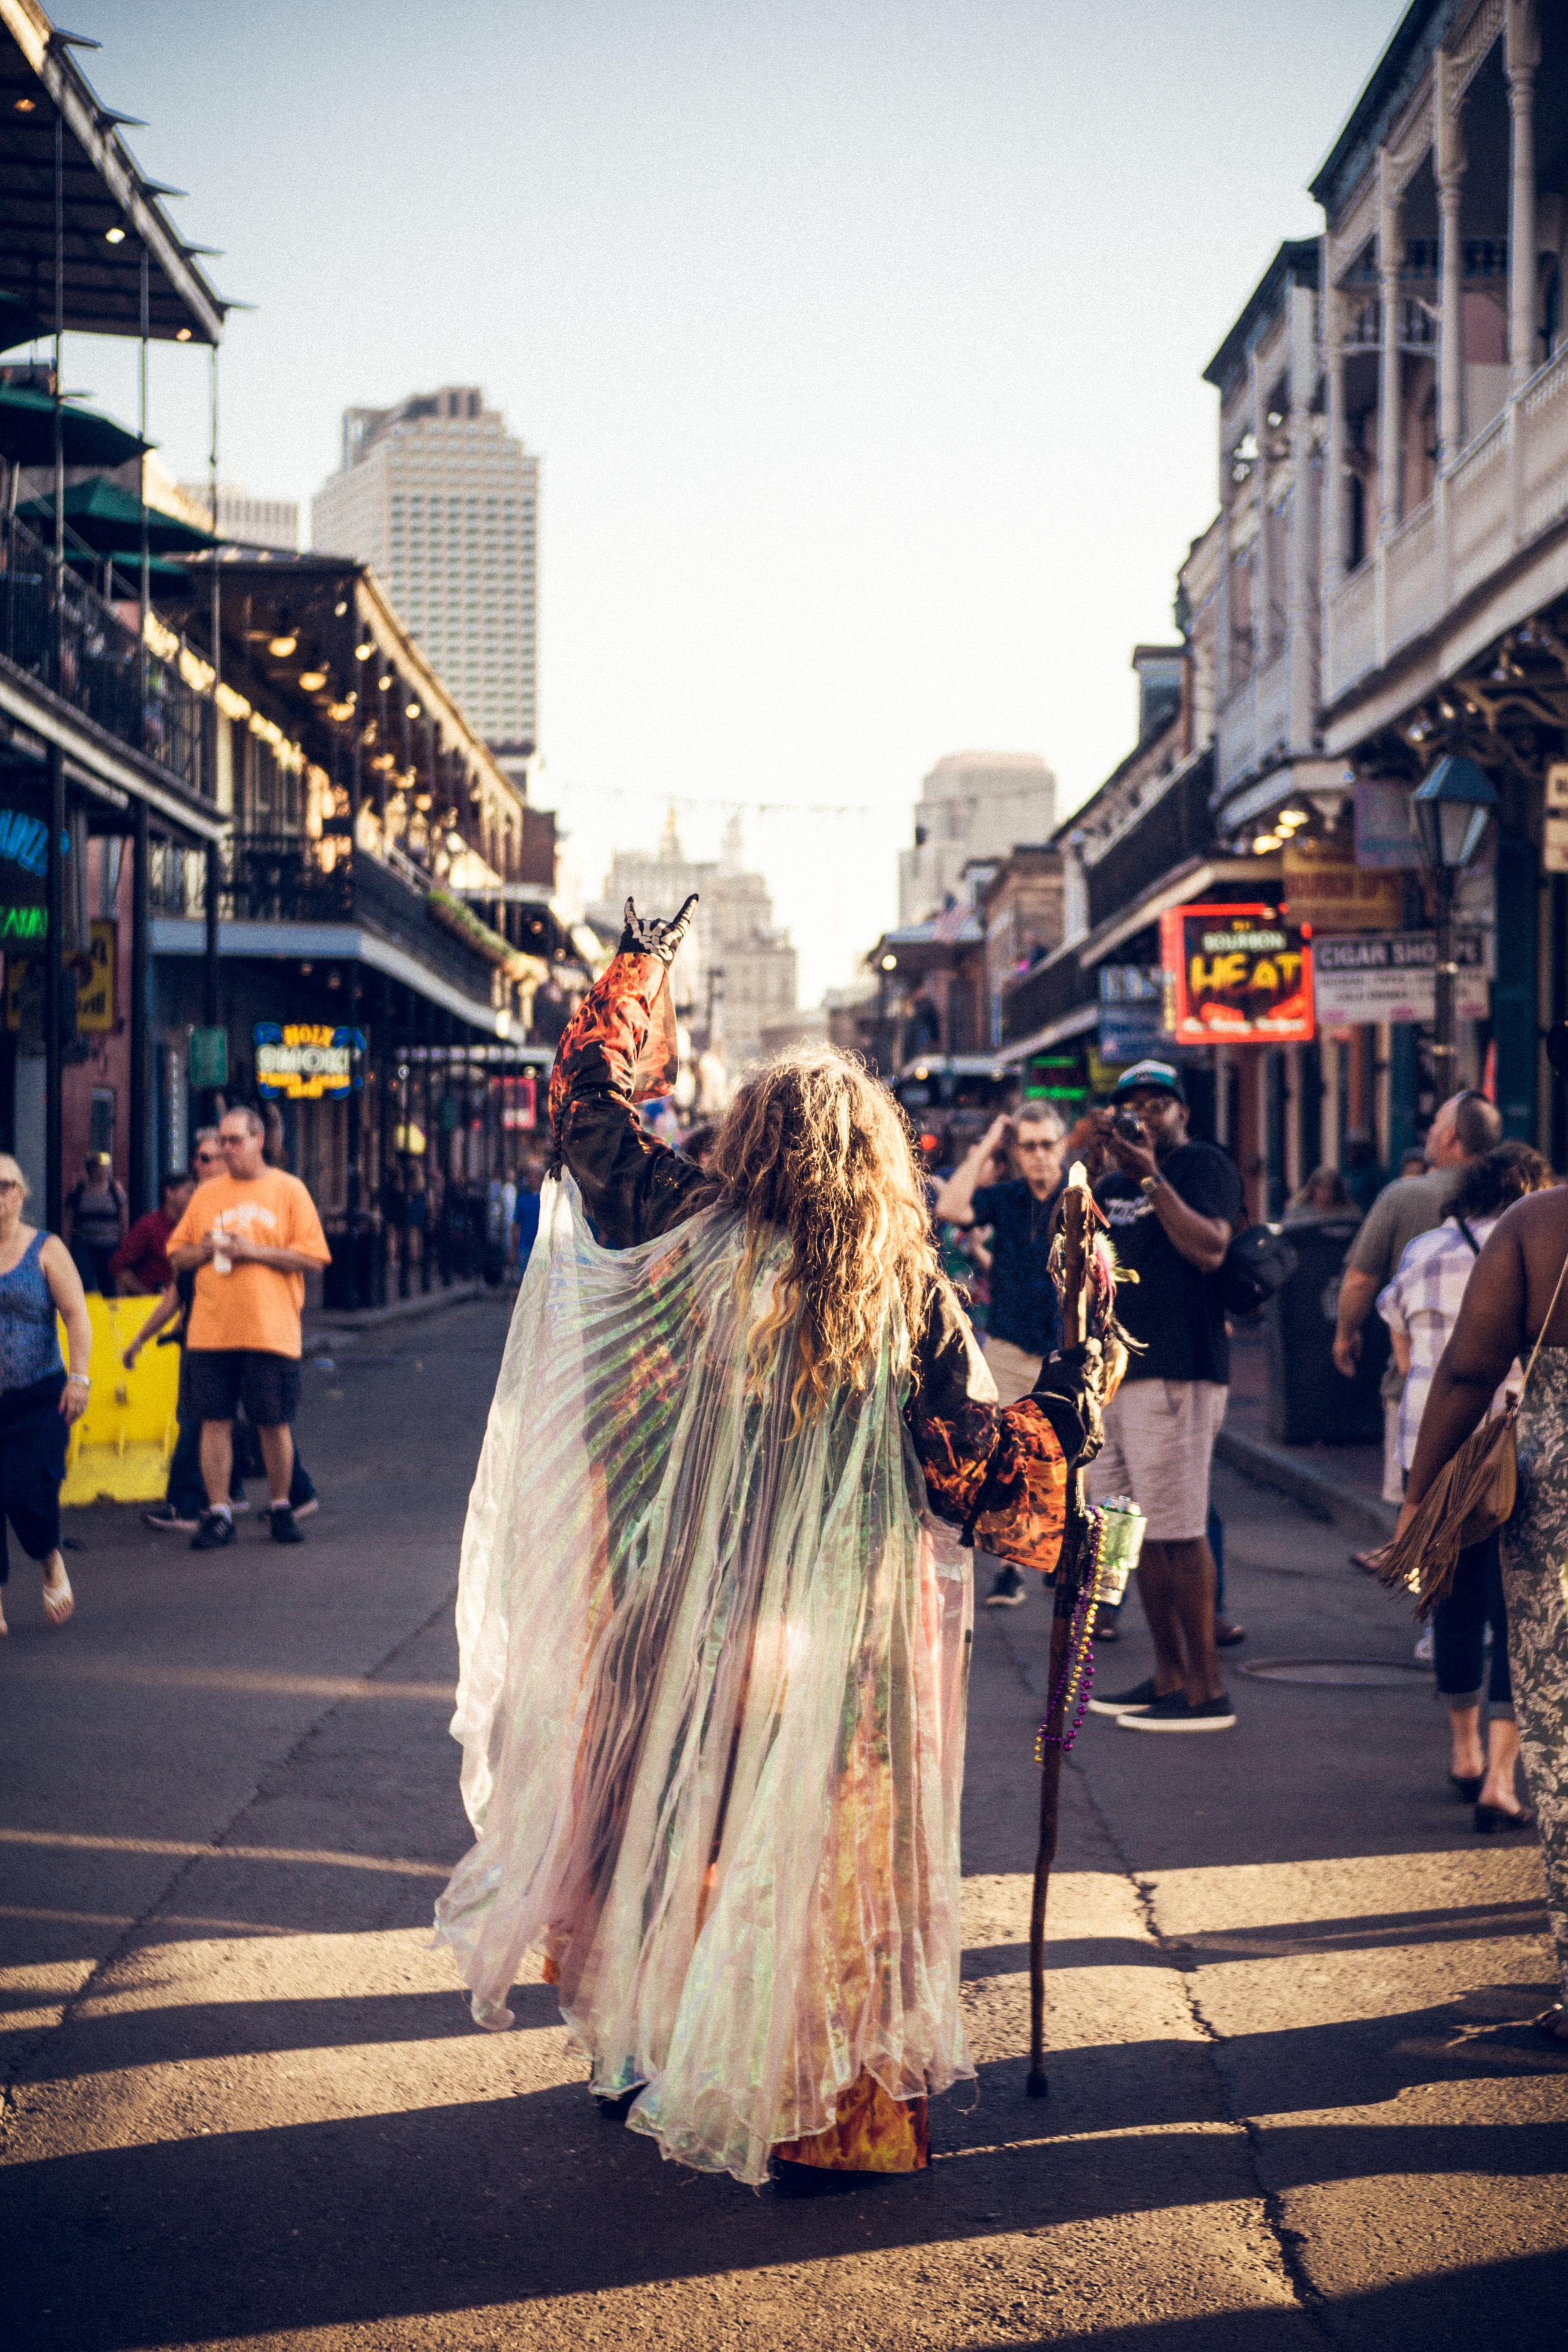 New Orleans - ¿Necesitan un viaje de emergencia sin mucho presupuesto o planificación? New Orleans es el destino para ti y tú pareja. Una ciudad con muchísimo que ofrecer y fácil de llegar. Si eres ciudadano estadounidense no necesitarás pasaporte para viajar a ella. Aquí podrán pasar un weekend espectacular disfrutando de sus barrios bohemios y su nuevos distristos hipsters que han convertido a esta ciudad en todo un tesoro al sur de los Estados Unidos. El costo promedio de hacer turismo en New Orleans en 35% más económico de en Miami, New York o Washington DC. Si están buscando una opción para darle cariñito a esa relación, sin mucha complejidad de logística y ahorrando dinero, New Orleans es una opción.